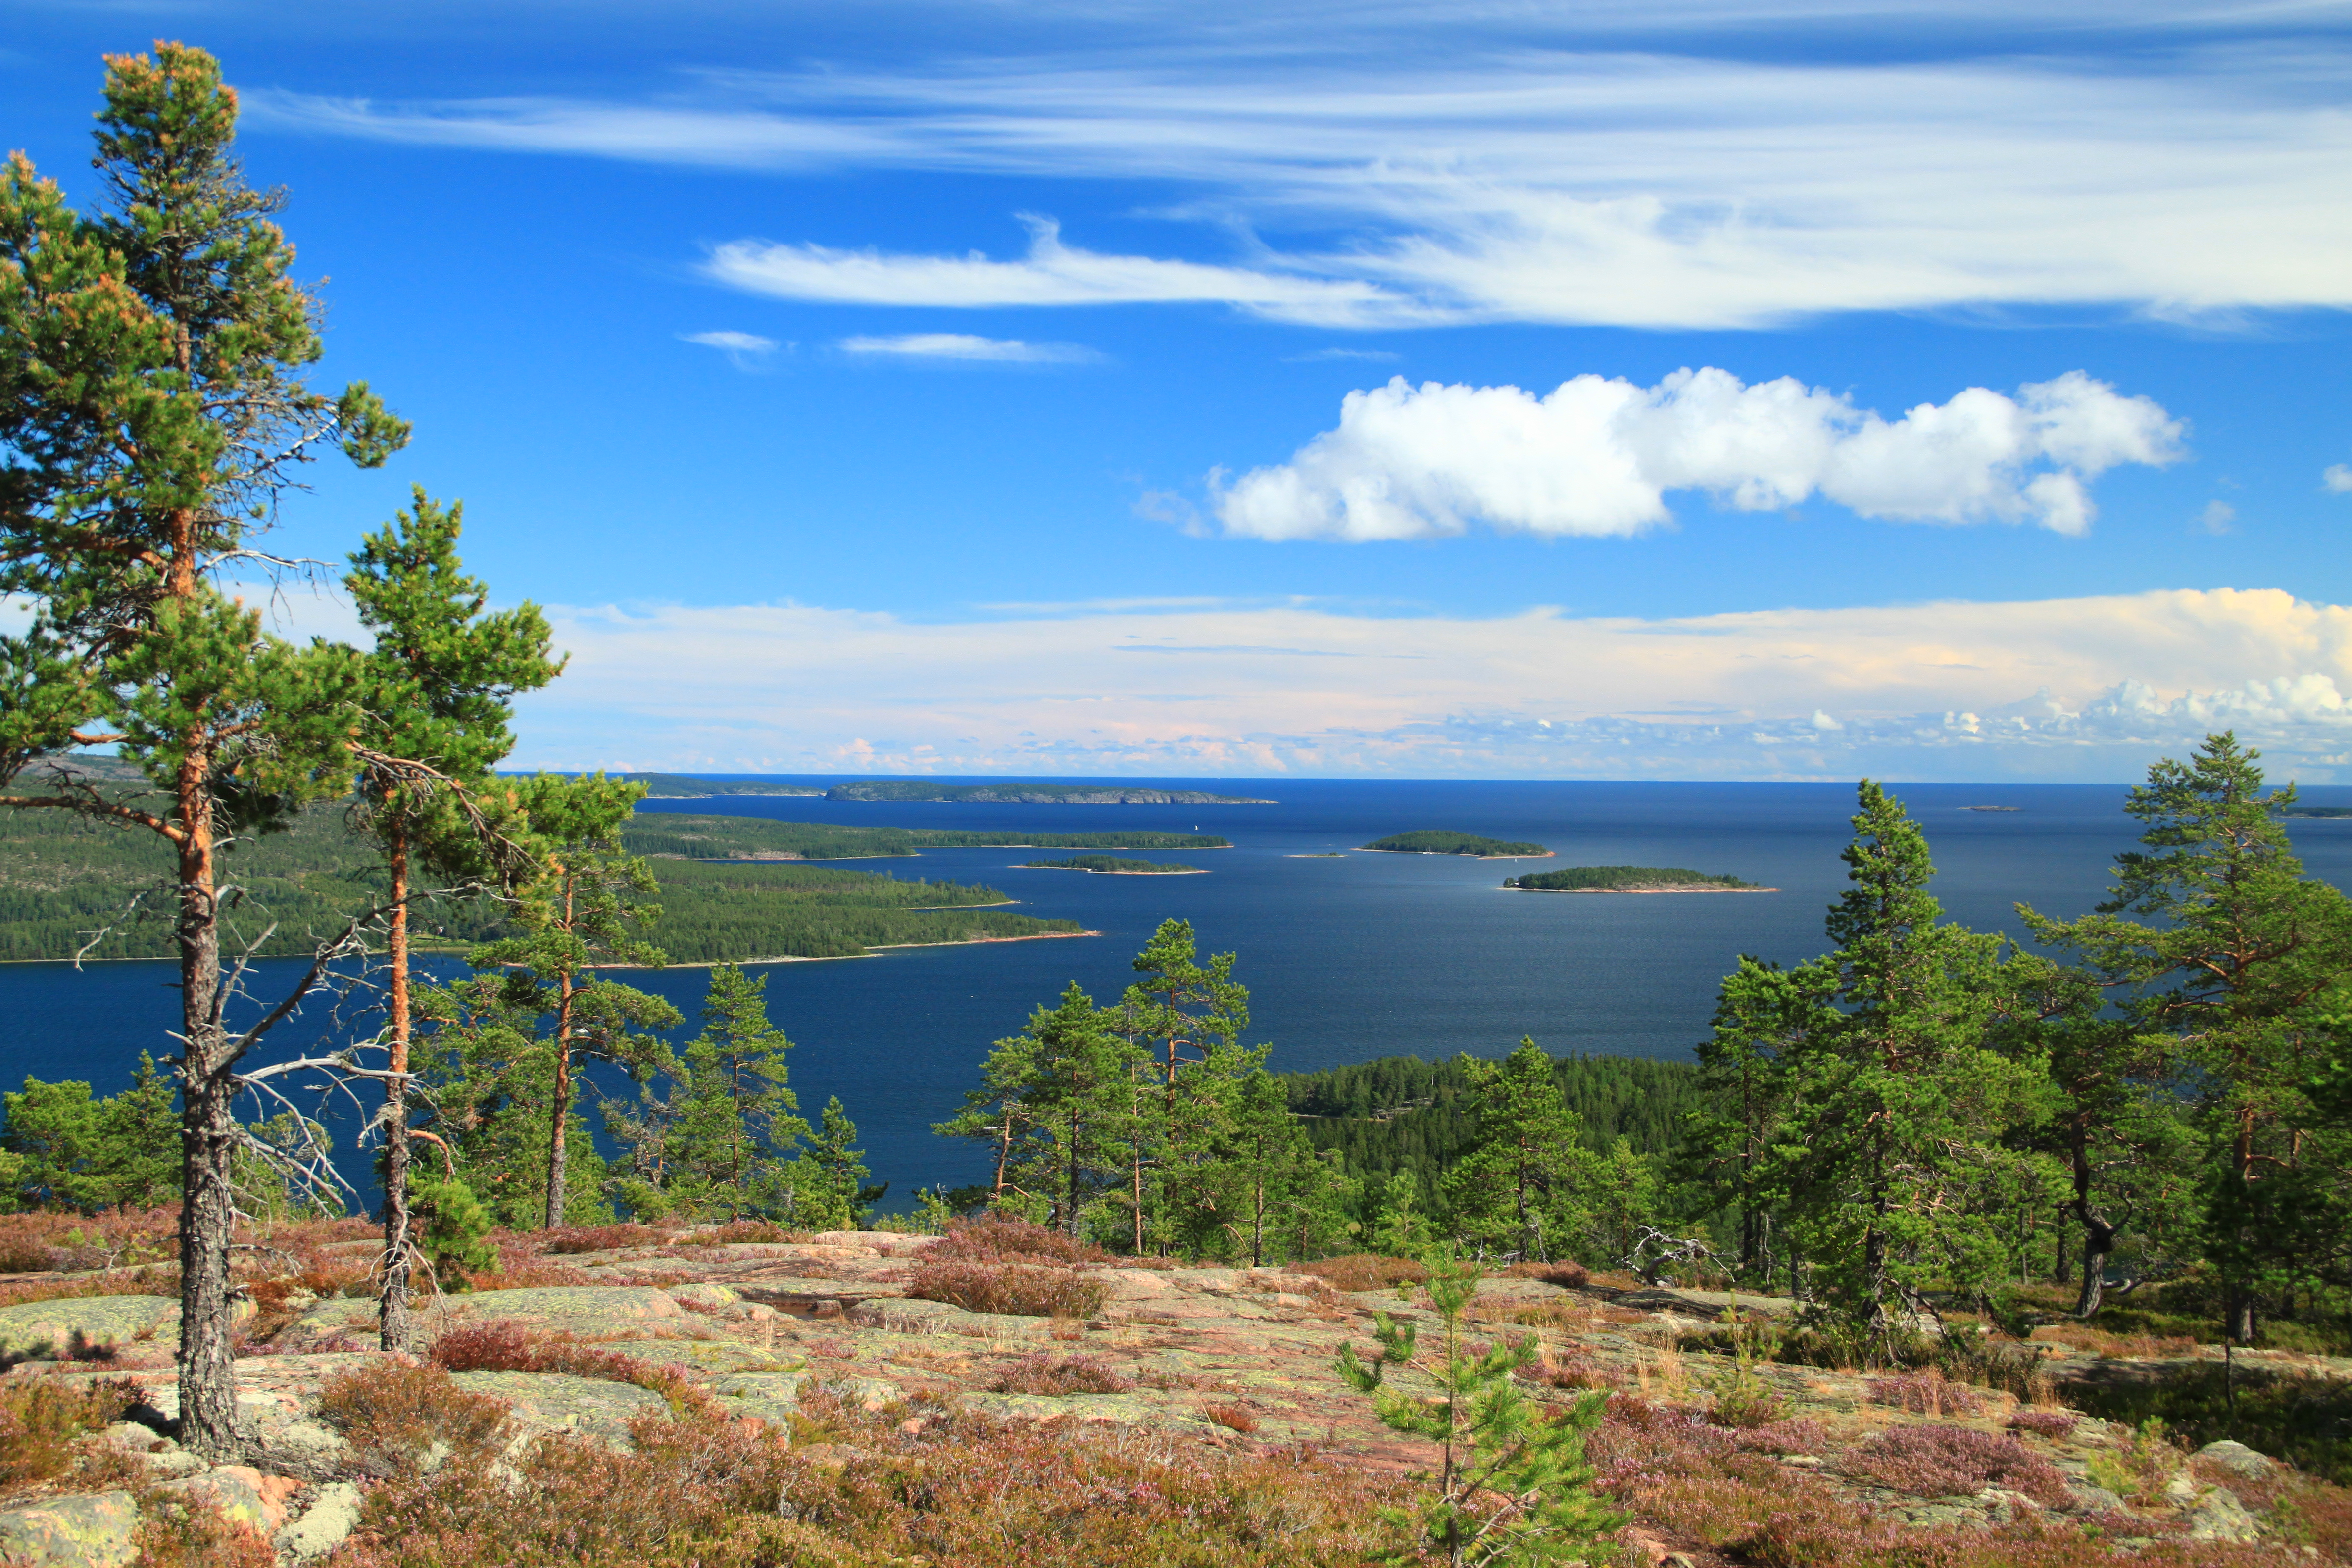 Taman nasional Skuleskogen